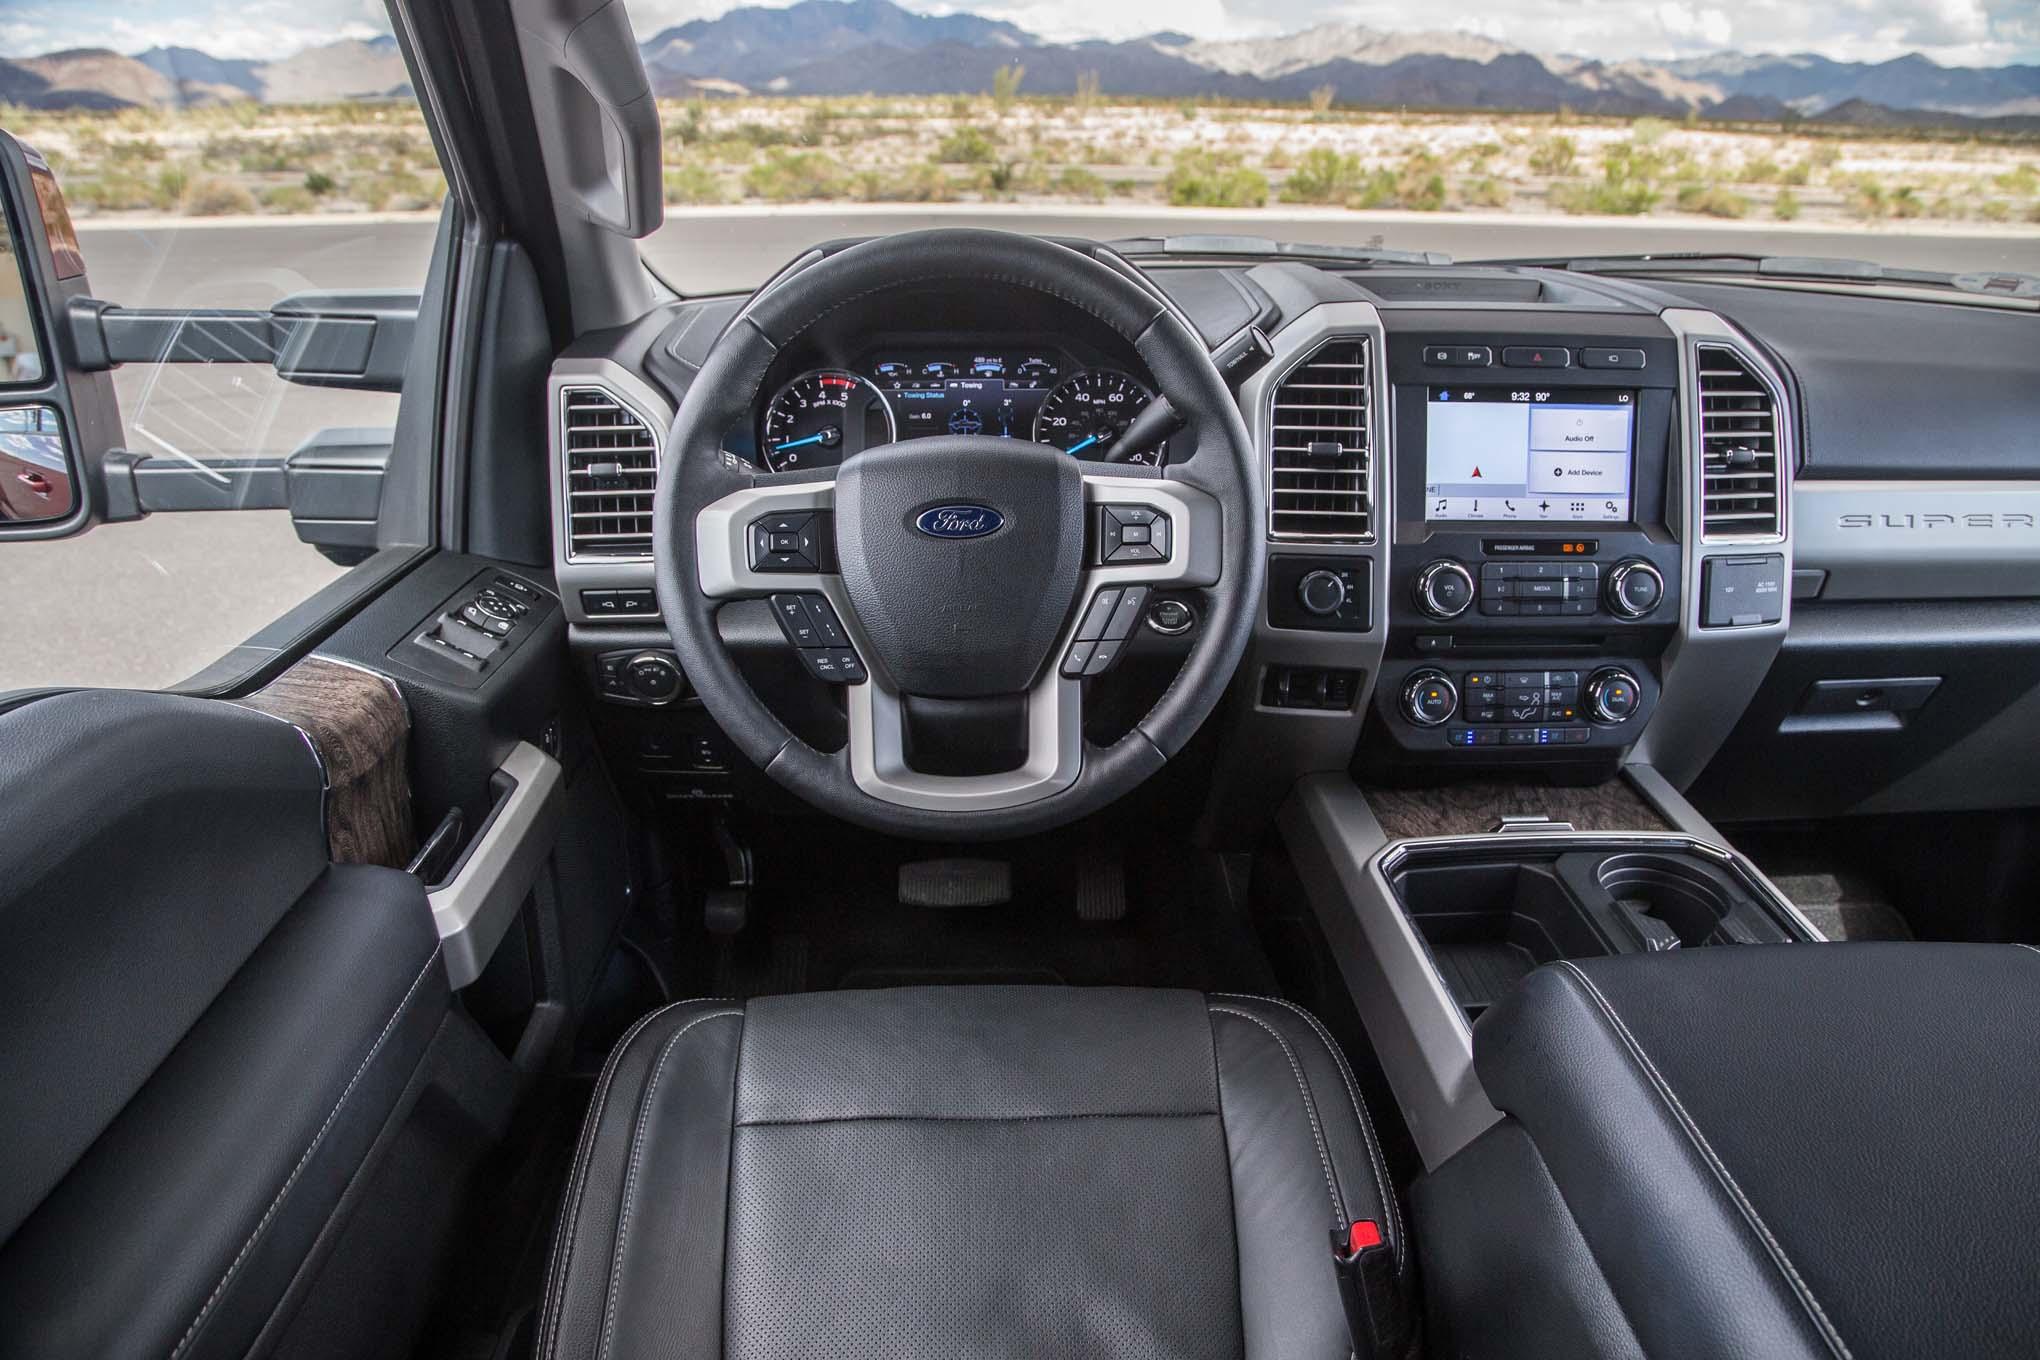 2017-Ford-F-350-Lariat-4x4-67L-cockpit-83